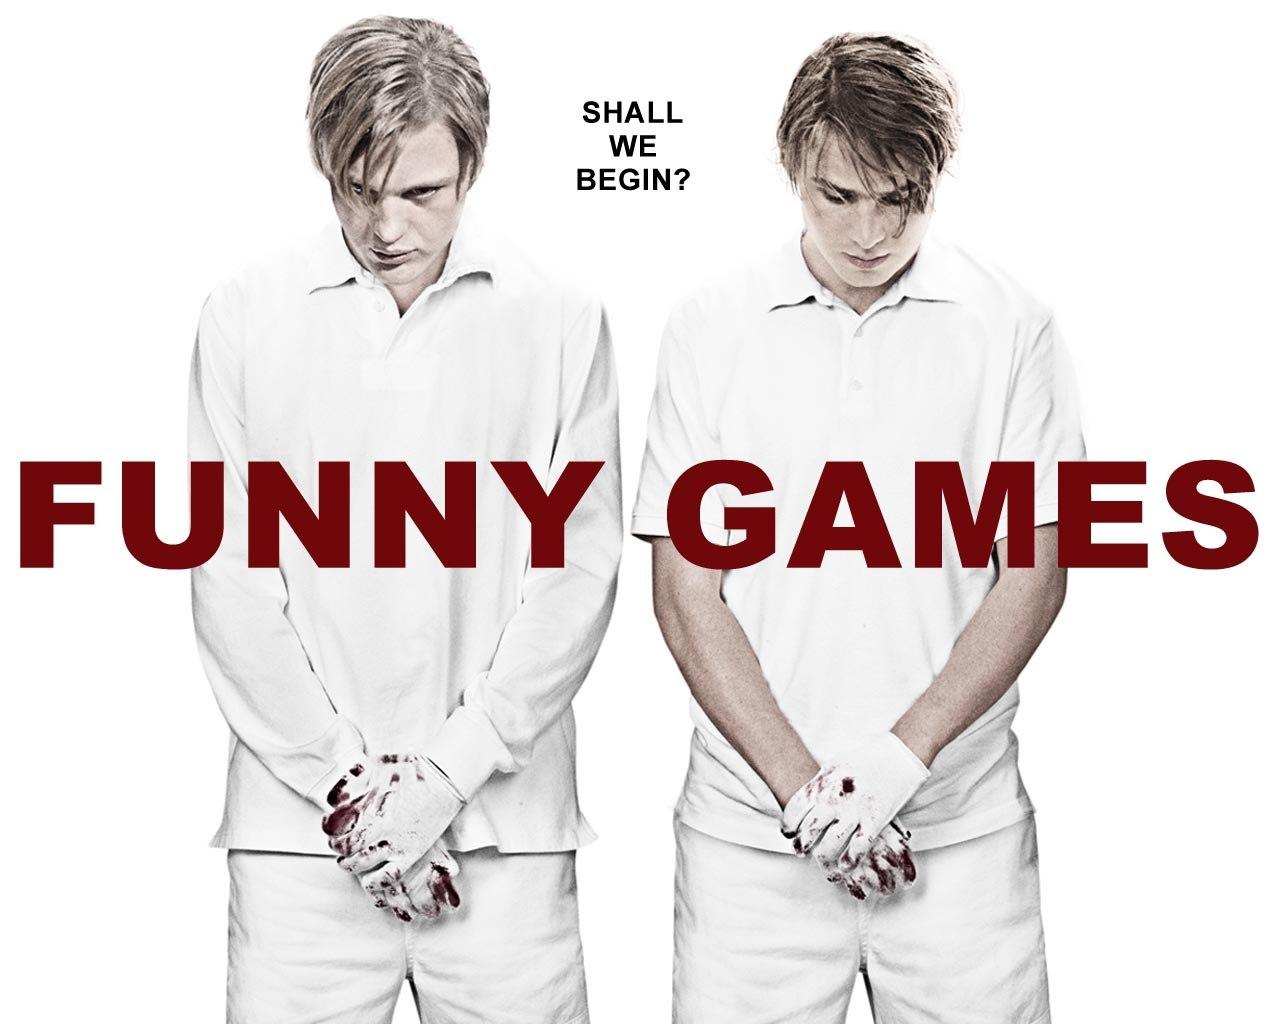 http://4.bp.blogspot.com/_fuBAQTeKqHA/S-9bs-sT_gI/AAAAAAAAAD0/WryJ362v6gM/s1600/funny-games-1483.jpg